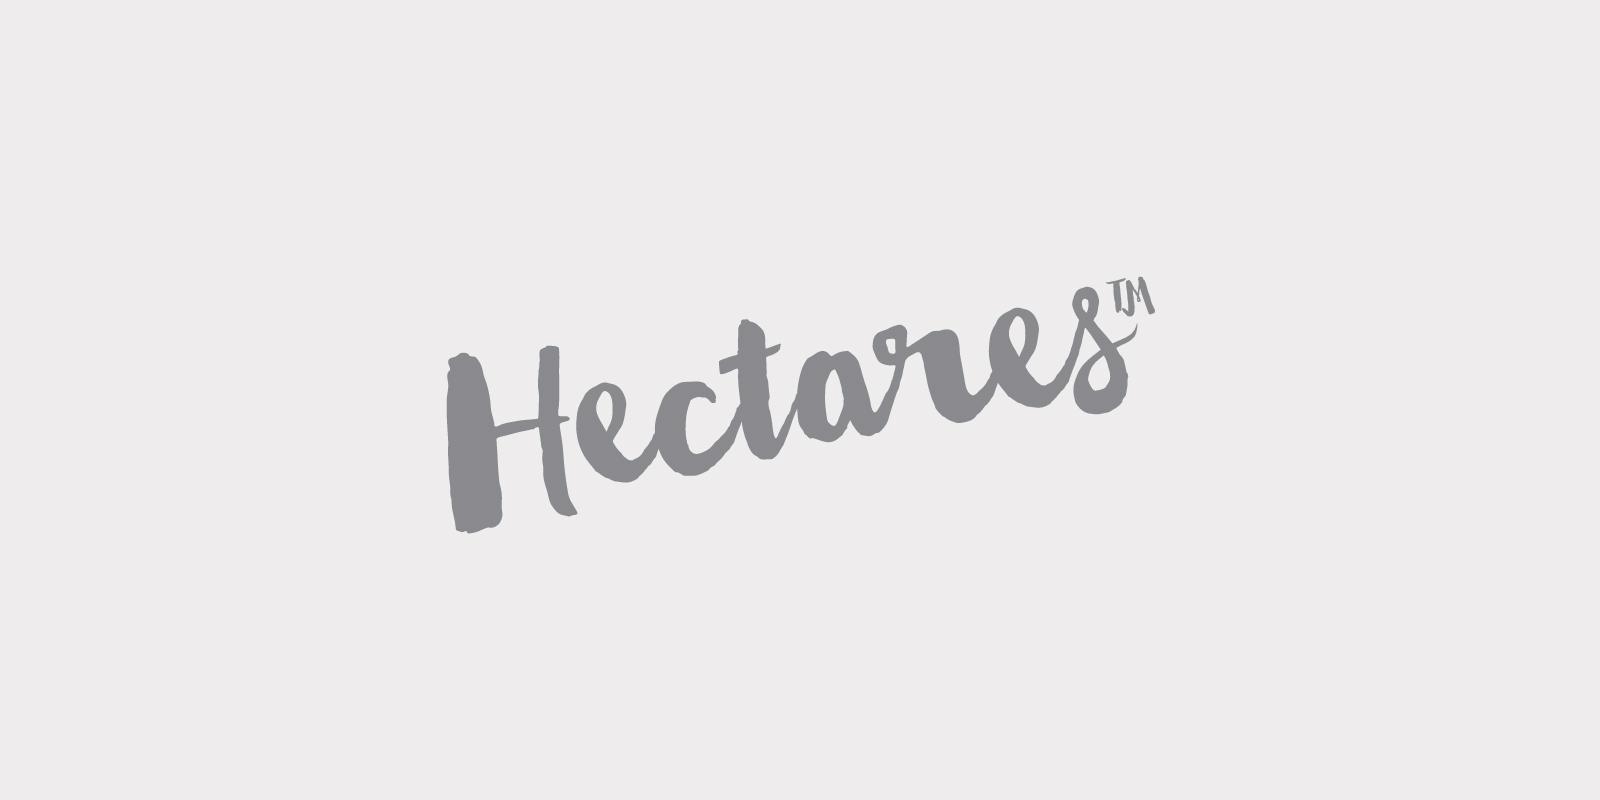 BTL_Website_Logos_Hectares_Grey.jpg